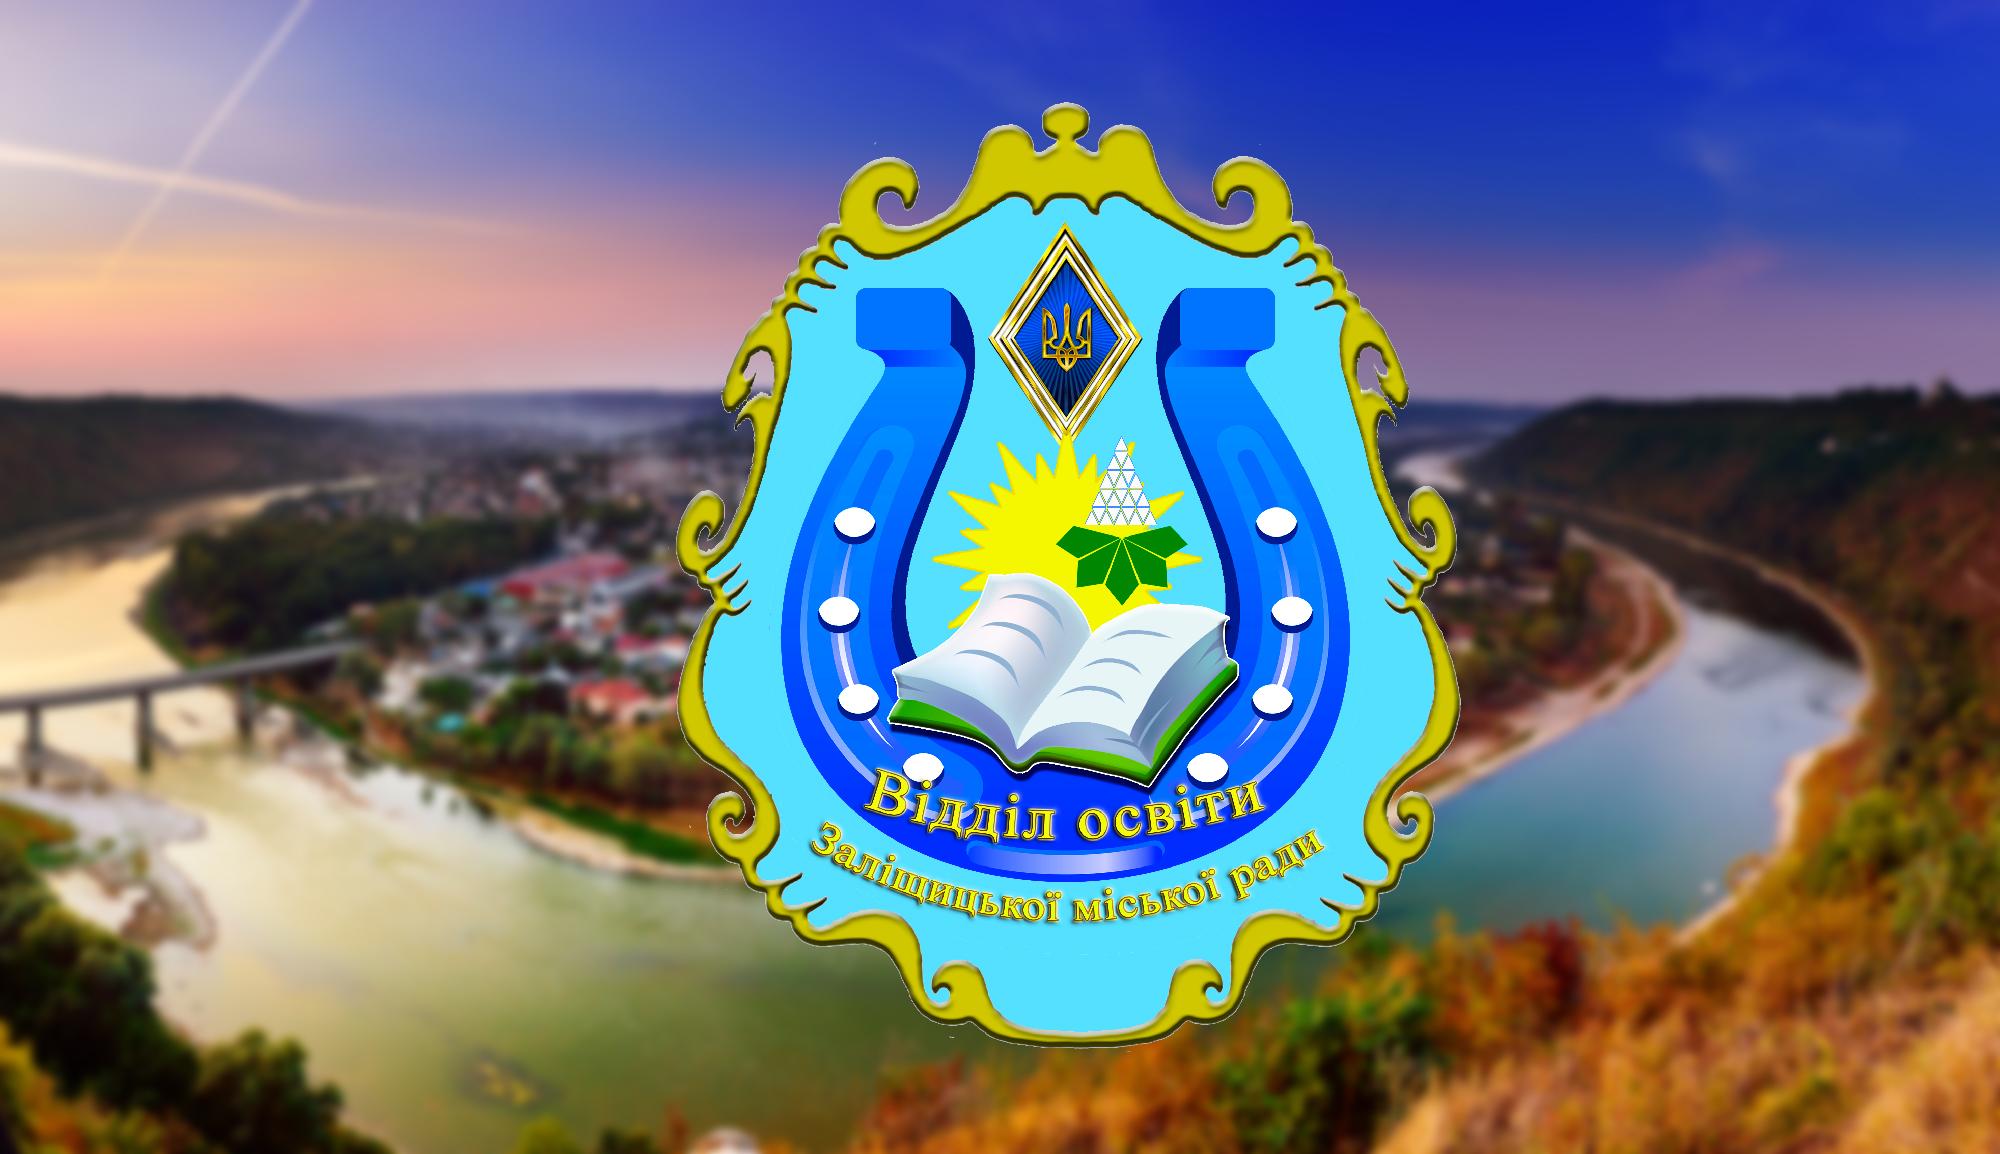 Діяльність відділу освіти Заліщицької міської ради та закладів освіти громади впродовж І півріччя 2021 року